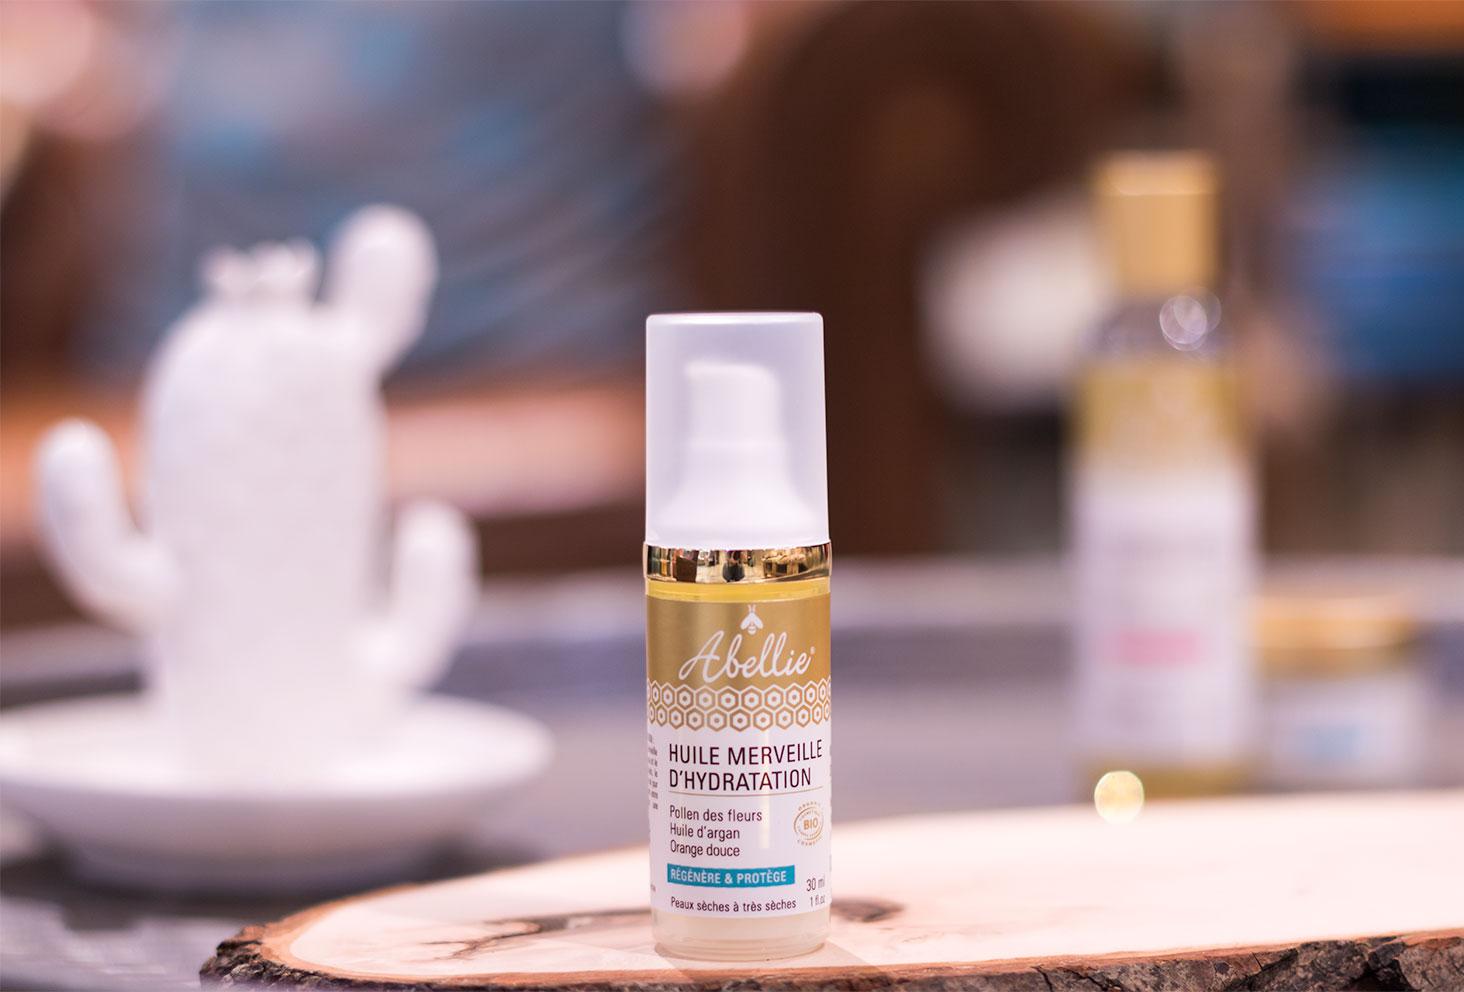 Zoom sur le packaging de l'huile Merveille d'hydratation de la marque naturelle et bio Abellie